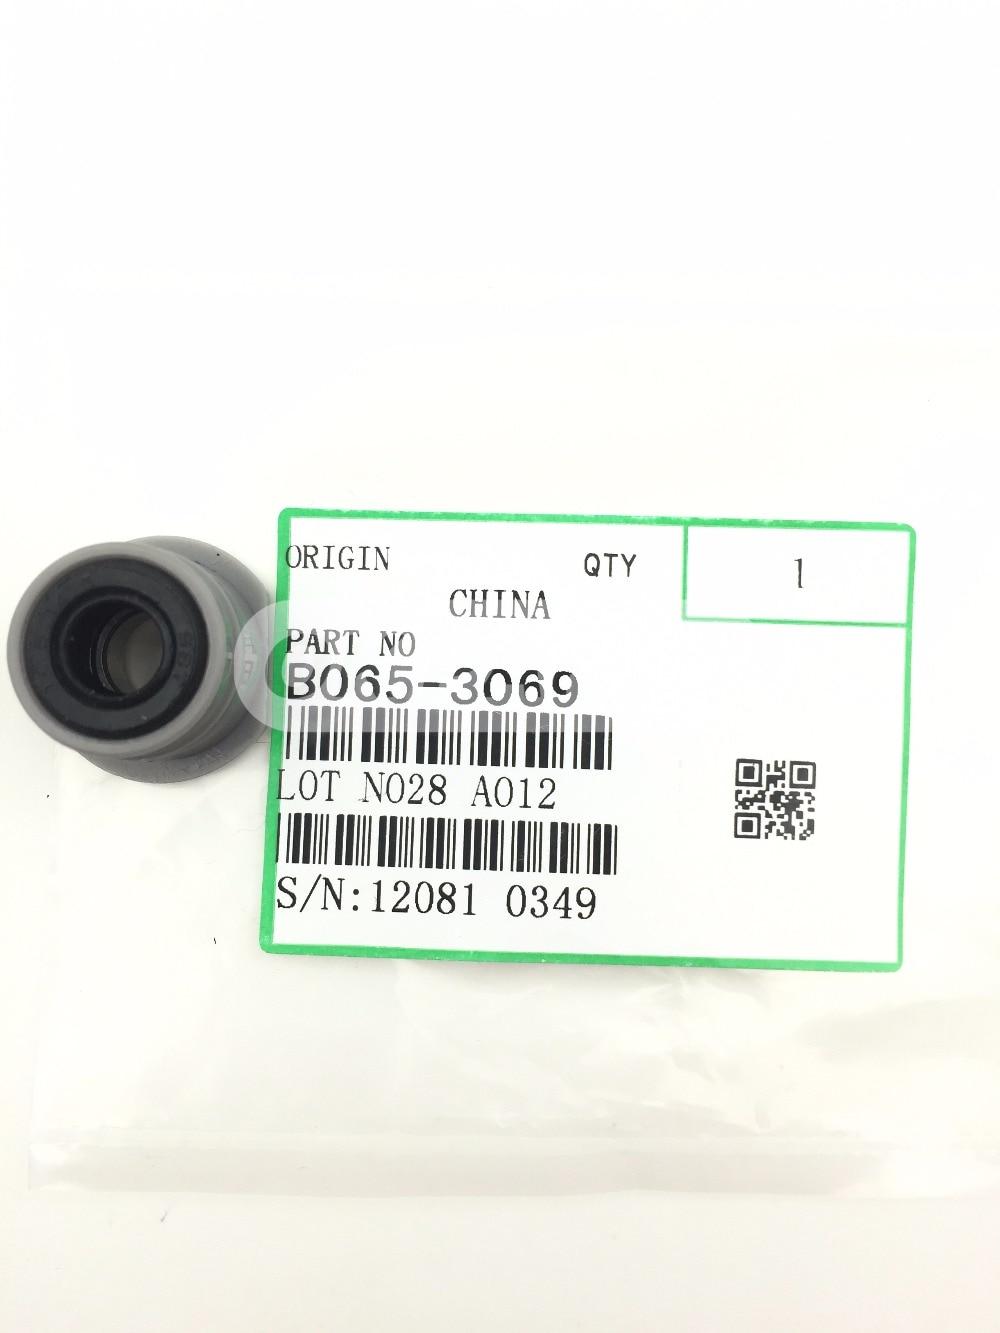 B065-3069 B0653069 Developer Bushing Developing Bushing for Ricoh AF1060 AF1075 AF2051 AF2060 AF2075 AP900 MP5500 MP6500 MP7500